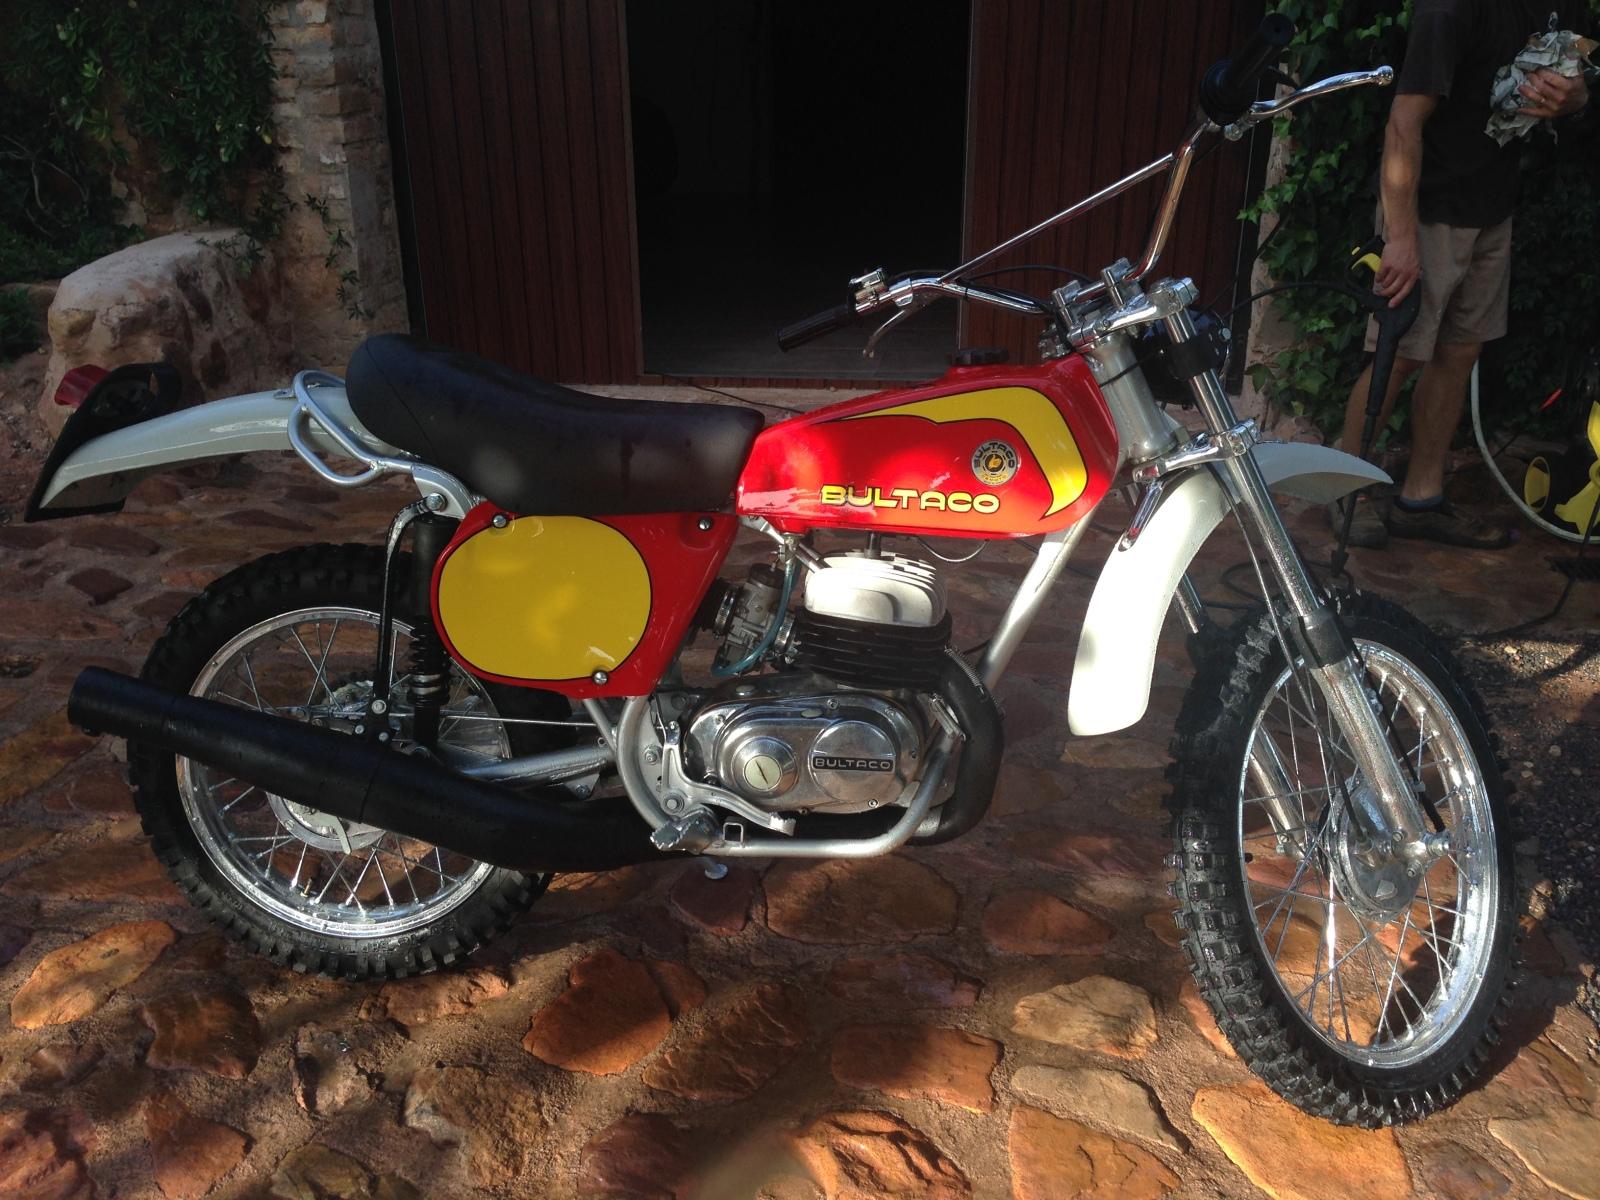 Ossa - Colección TT Competición: Bultaco,Montesa,Ossa - Página 2 2e2hs8w